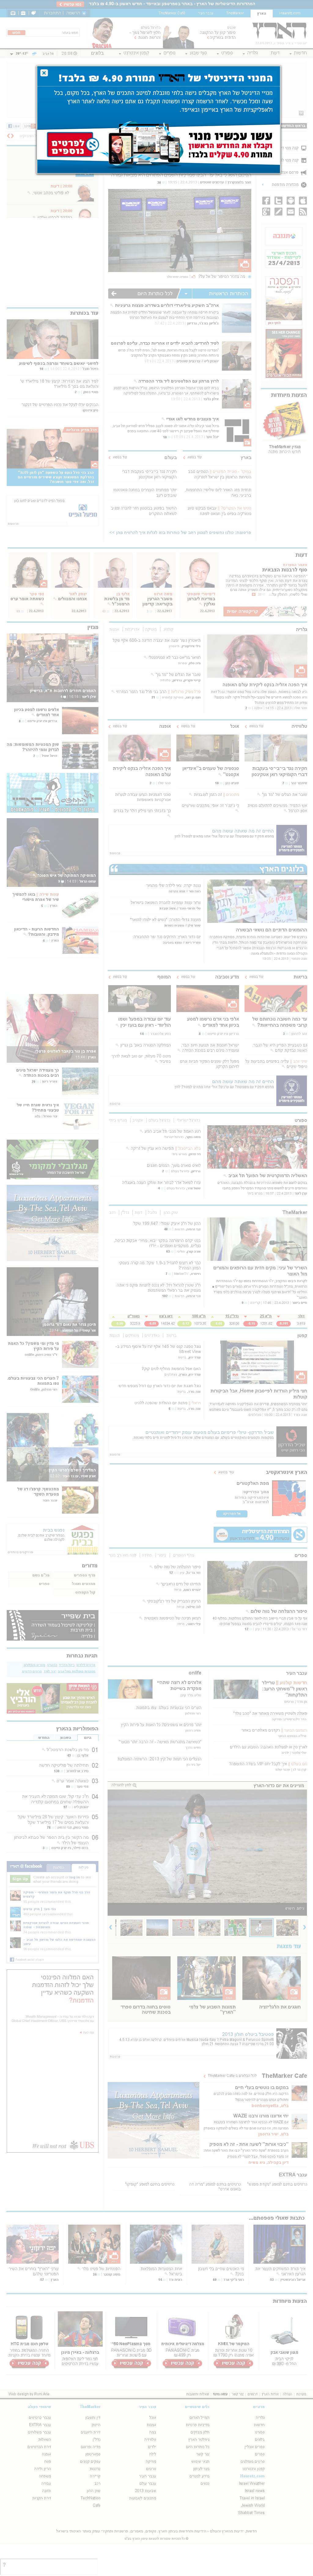 Haaretz at Monday April 22, 2013, 5:09 p.m. UTC